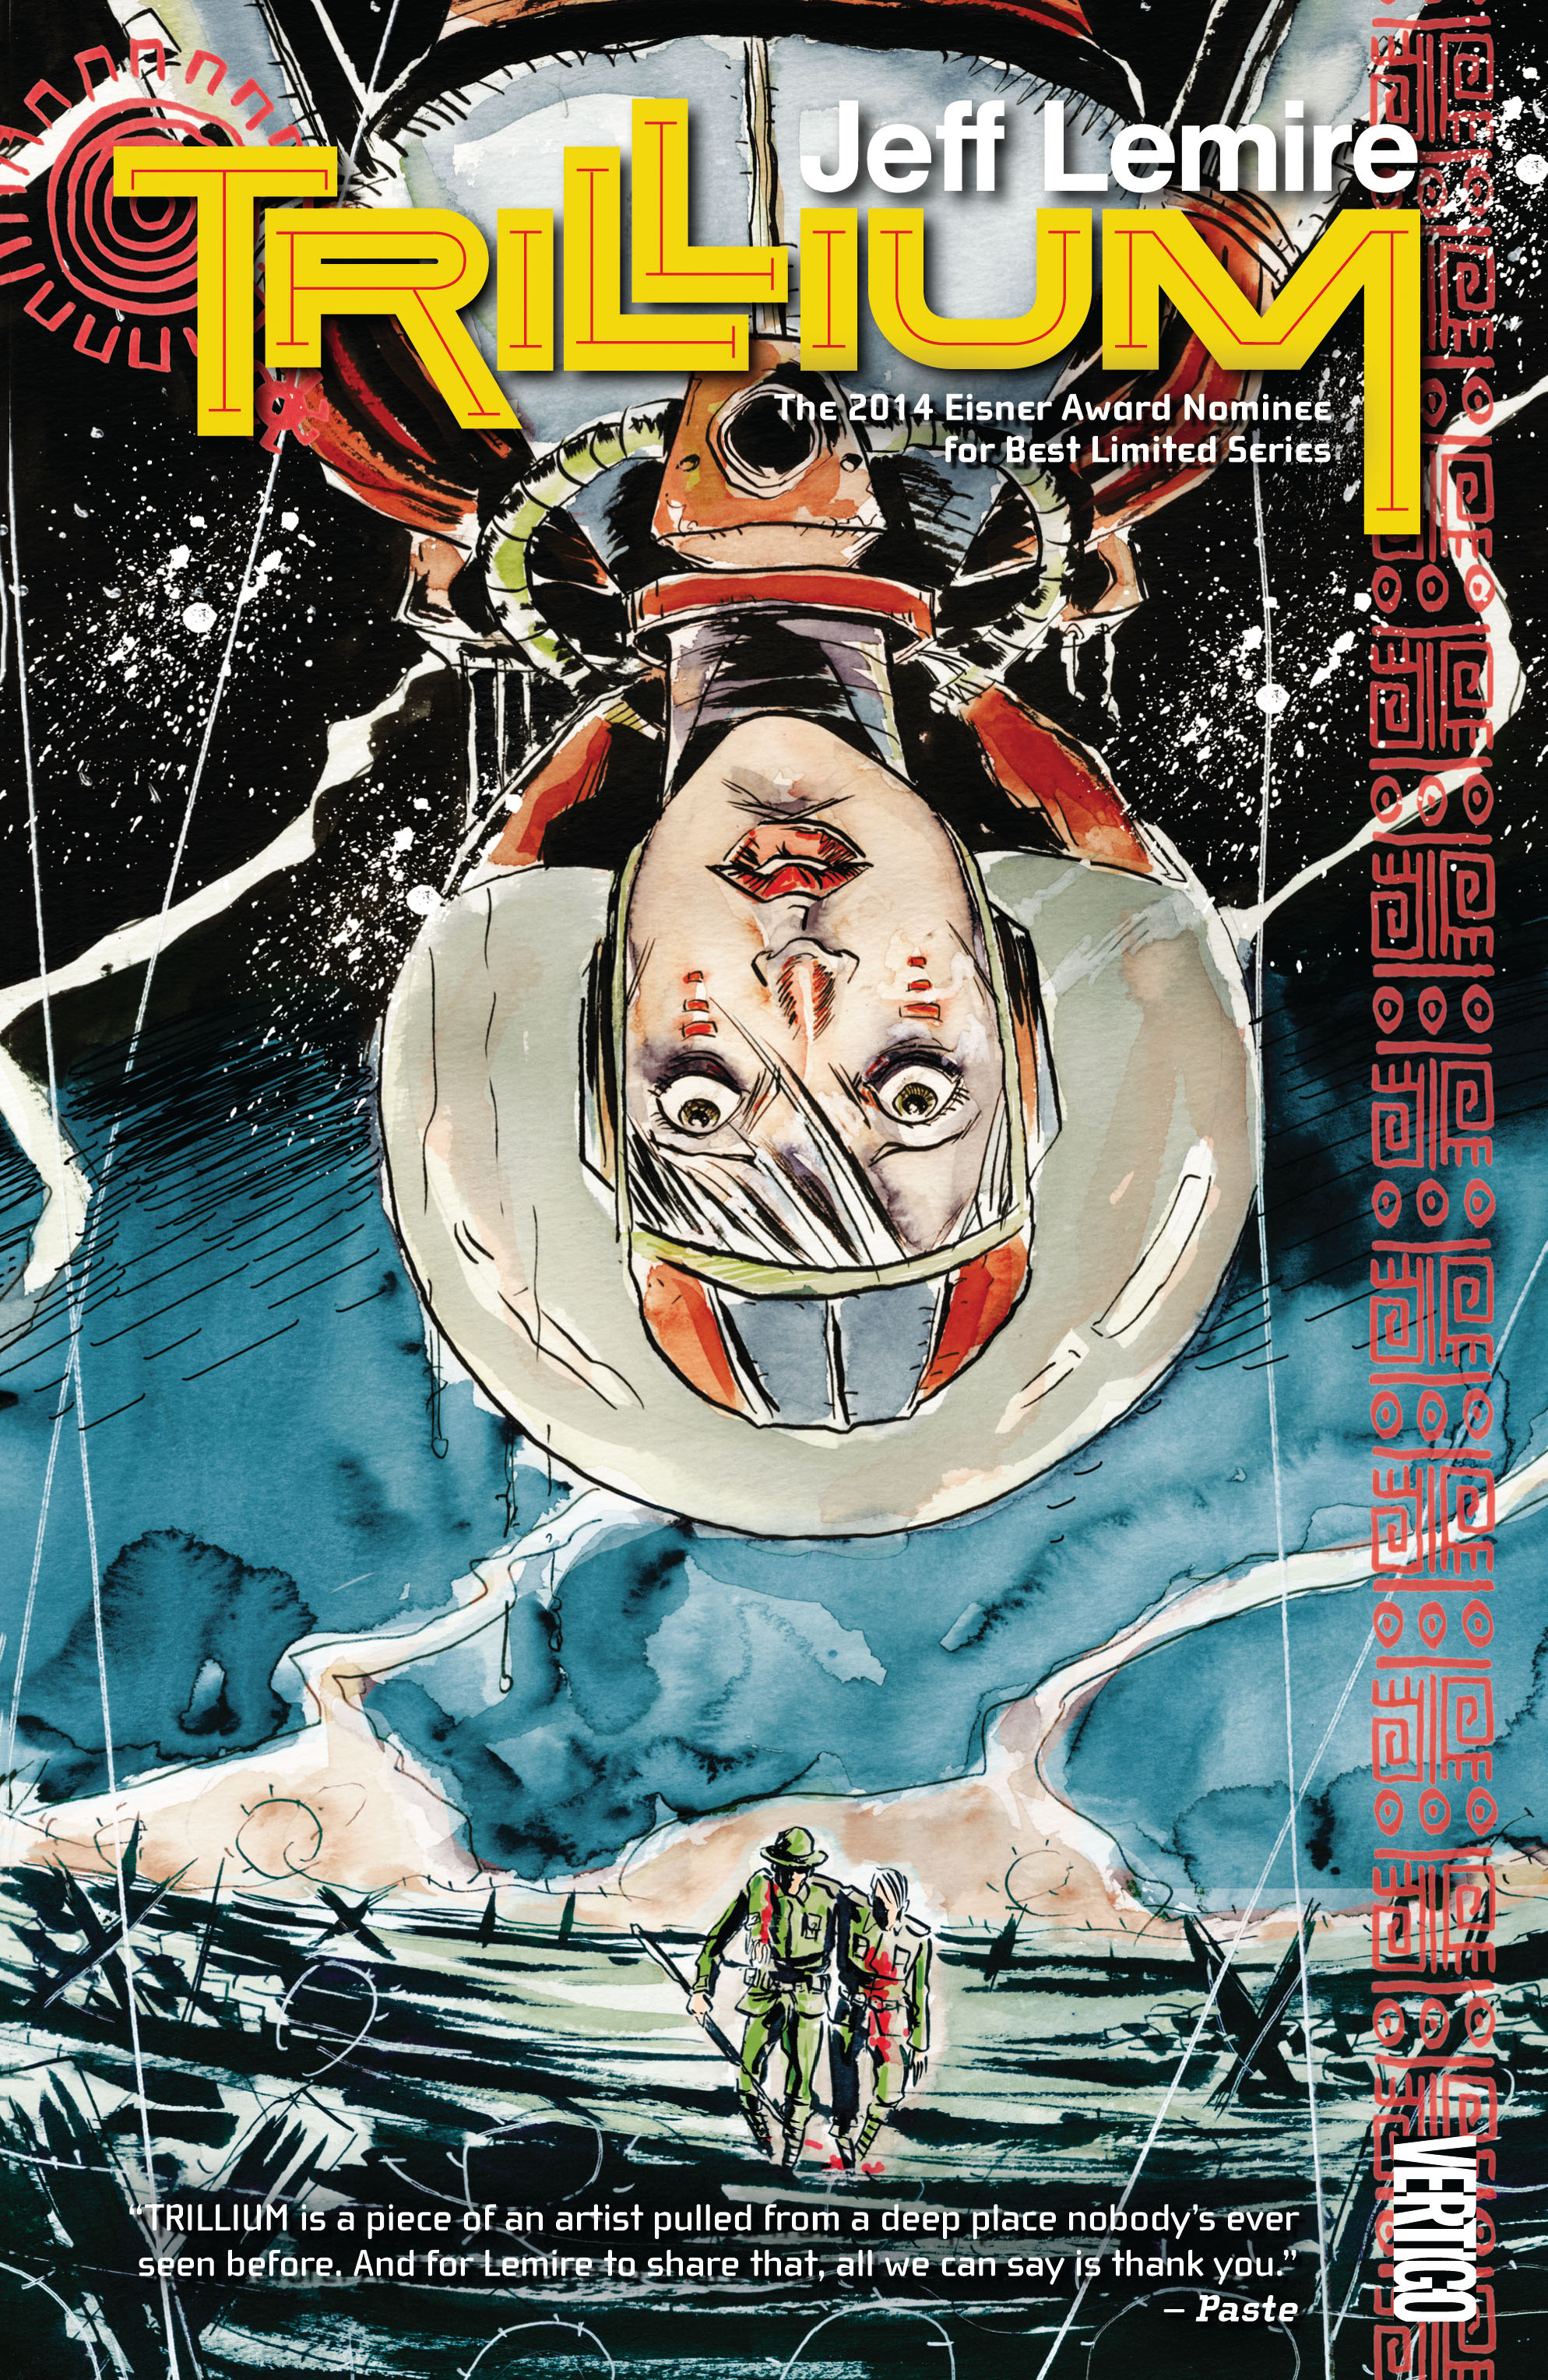 Read online Trillium comic -  Issue # TPB - 1